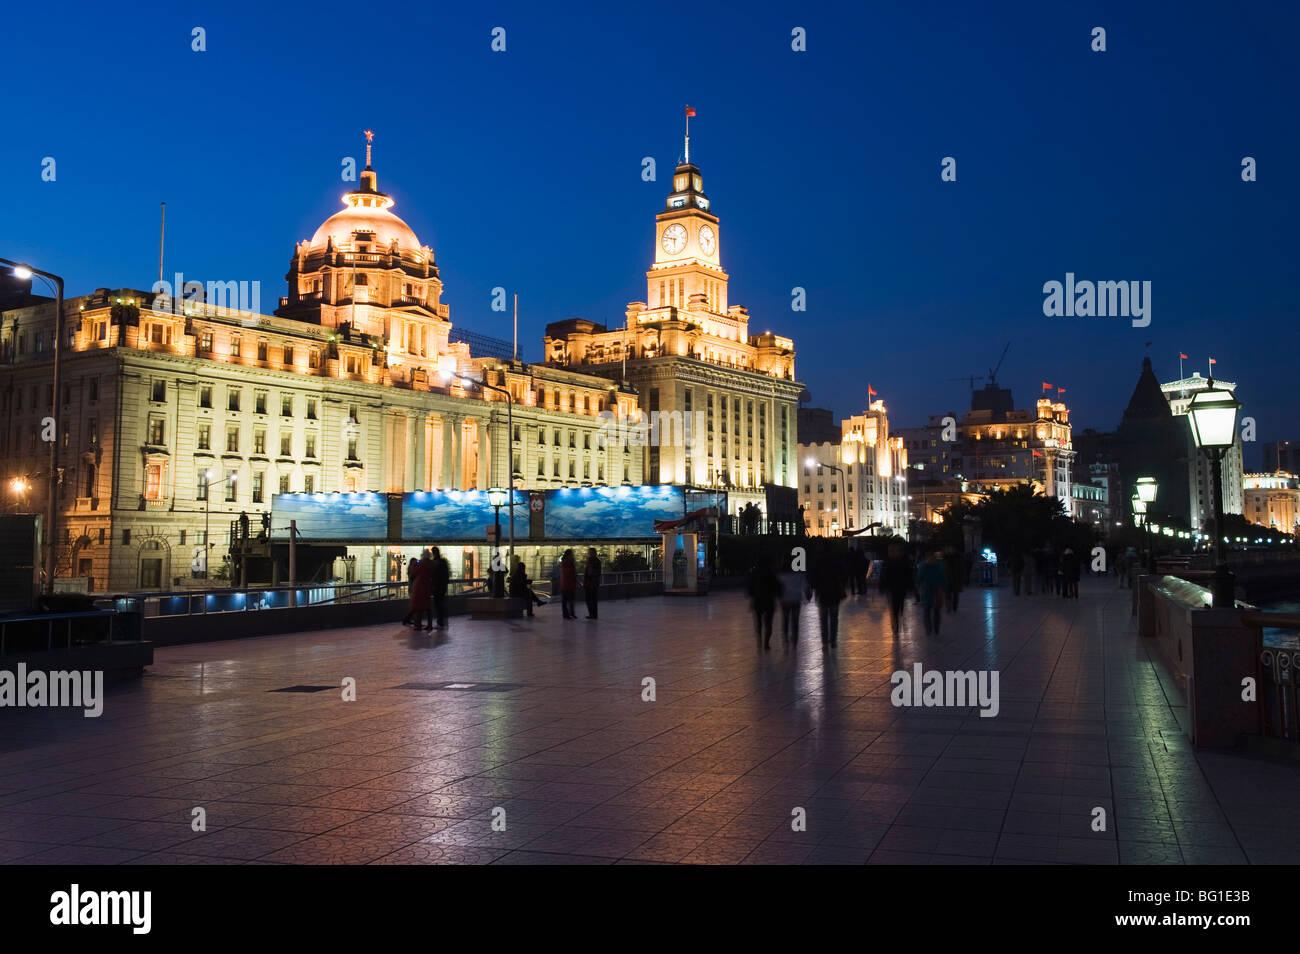 Historischen Kolonialbauten beleuchtet am Bund, Shanghai, China, Asien Stockbild